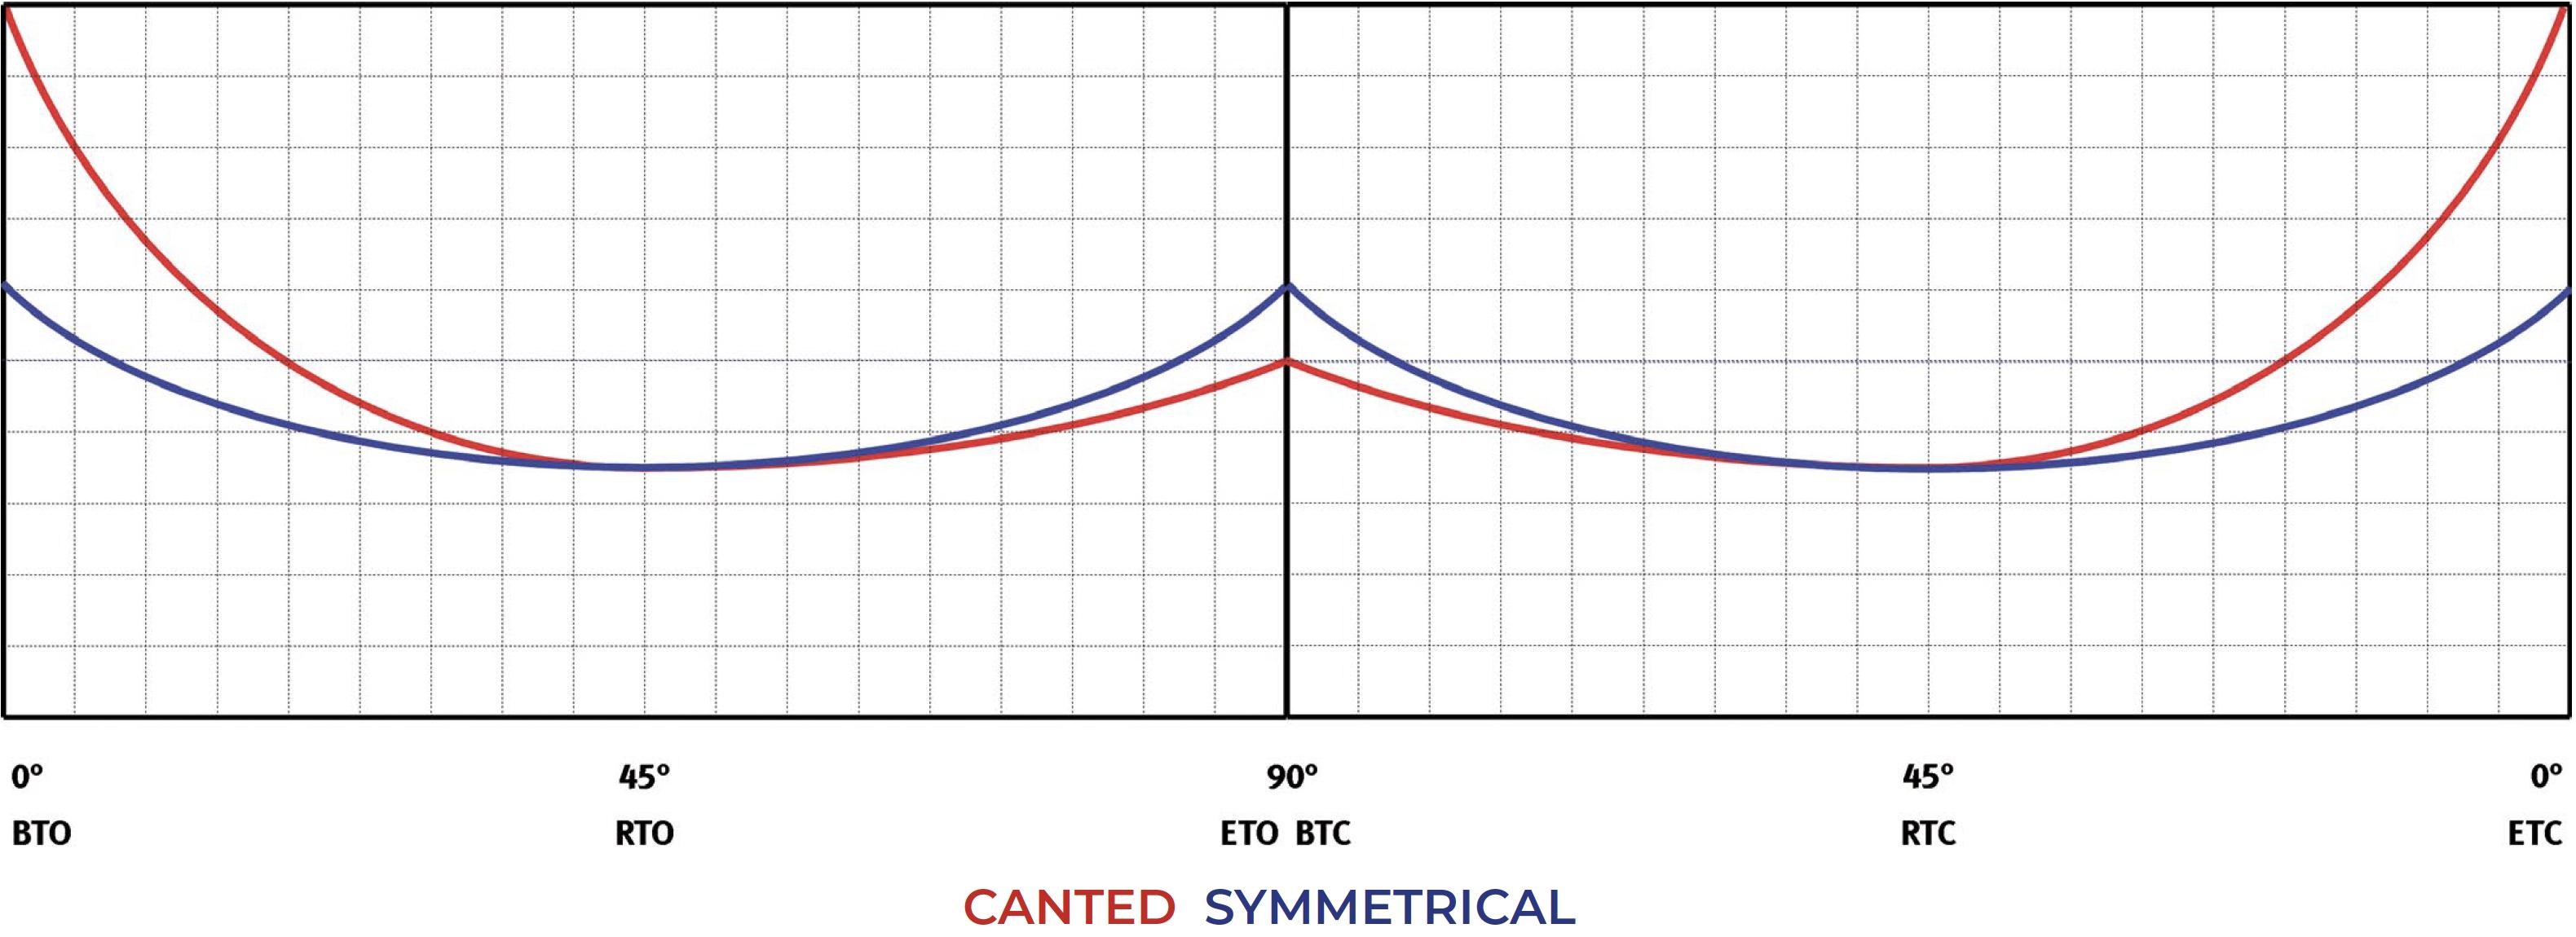 Attuatore pneumatico doppio effetto GD Heavy Duty acciaio carbonio - diagrammi e coppie di spunto - Doppio Effetto – Tabella coppie (momenti torcenti)